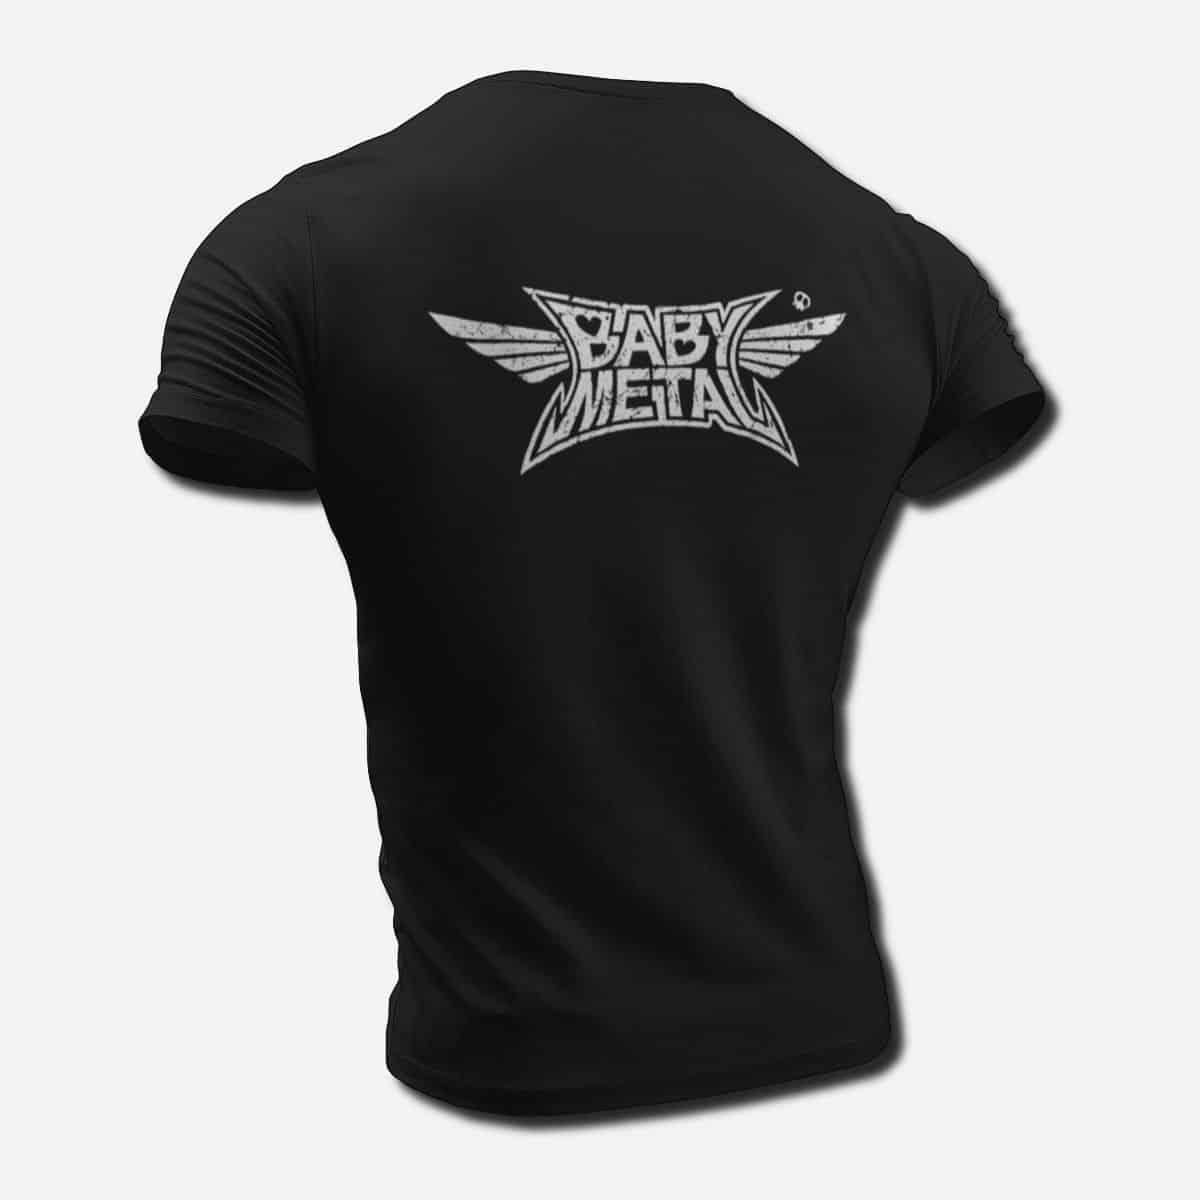 Babymetal Band T Shirt Baby Metal Band Logo Tee Shirt Heavy Metal Power Metal Merch Metal Band T Shirt Metal Band Tee Shirts